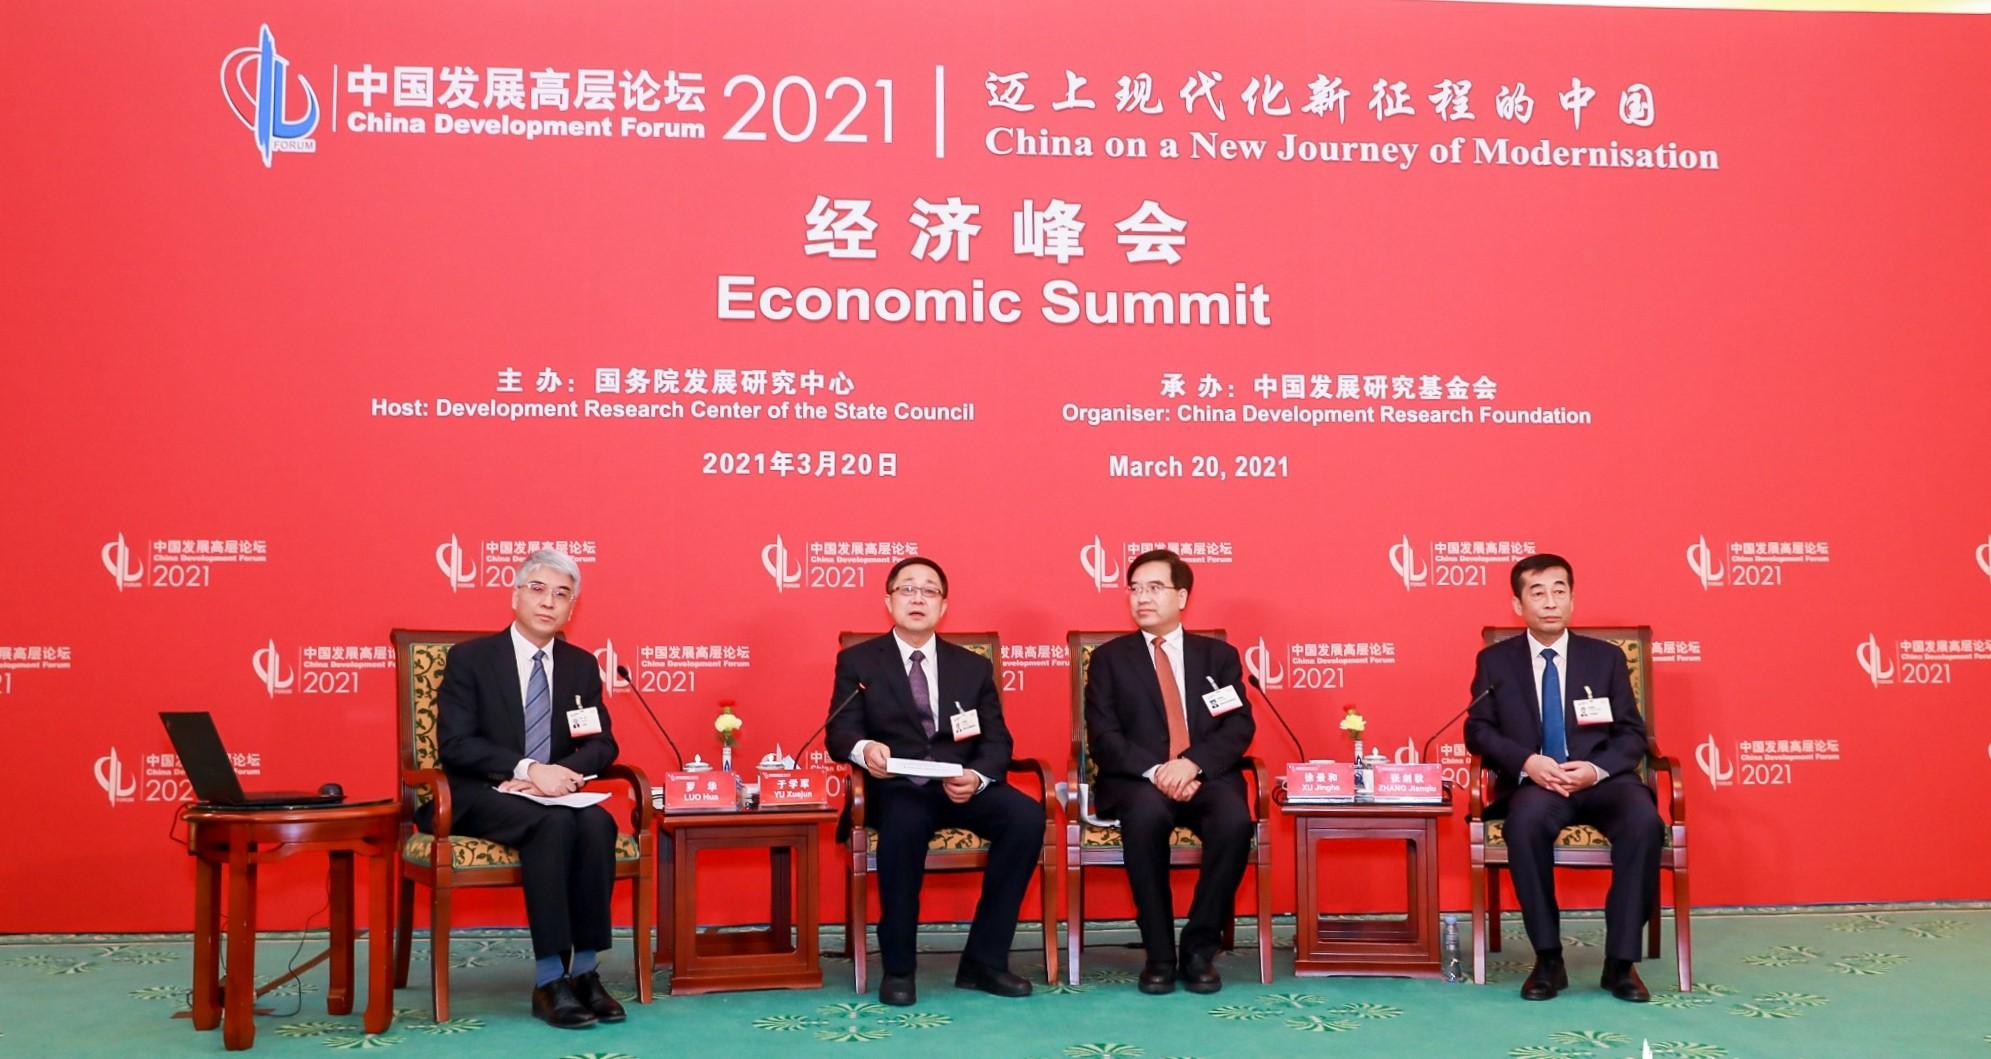 業界熱議健康中國建設:把握歷史機遇增強創新合作